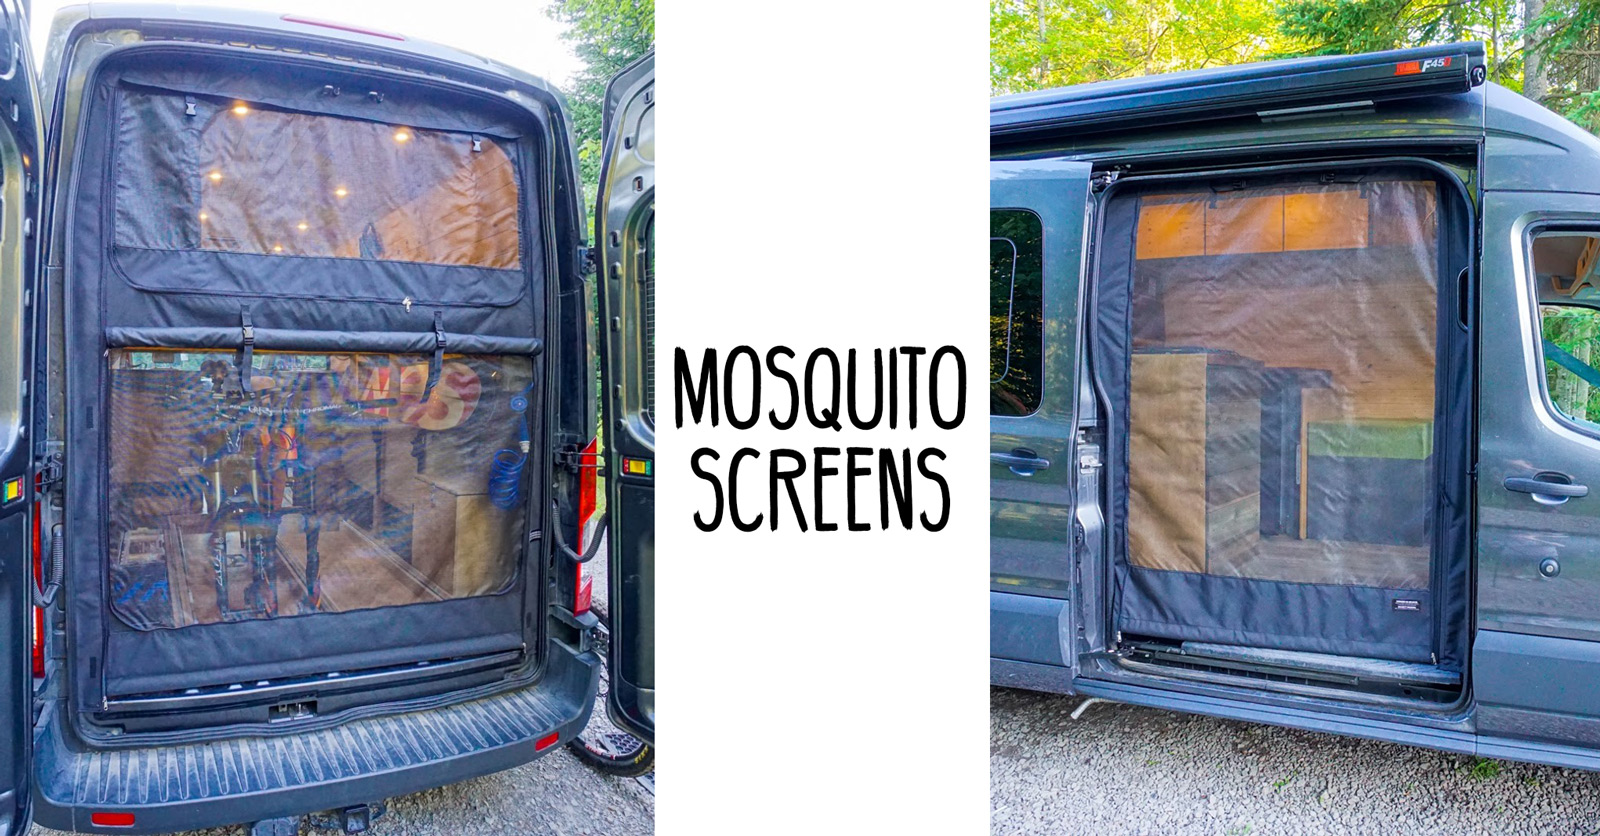 Mosquito Screens Faroutride